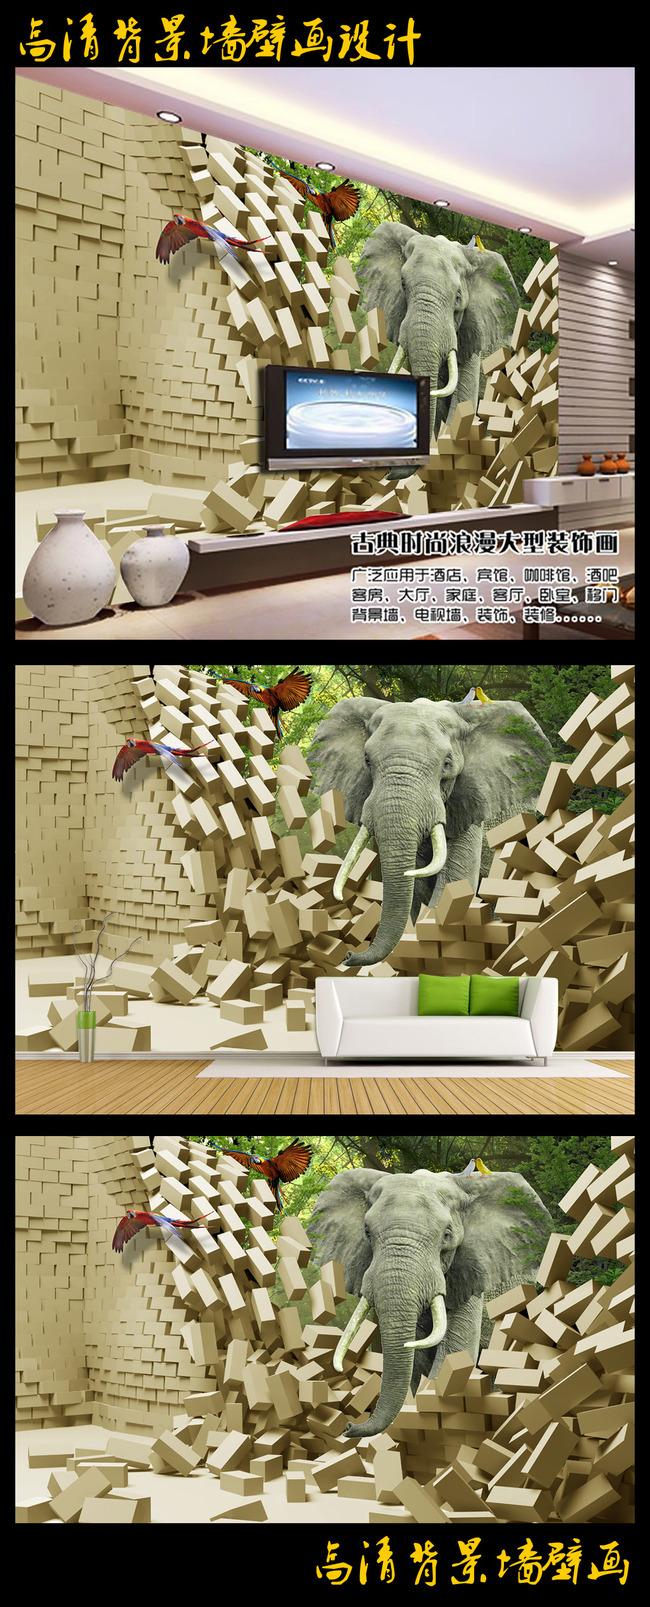 室内装修 3d立体 森林 动物 热带雨林 大象 鹦鹉 飞鸟 树木 砖墙 破碎